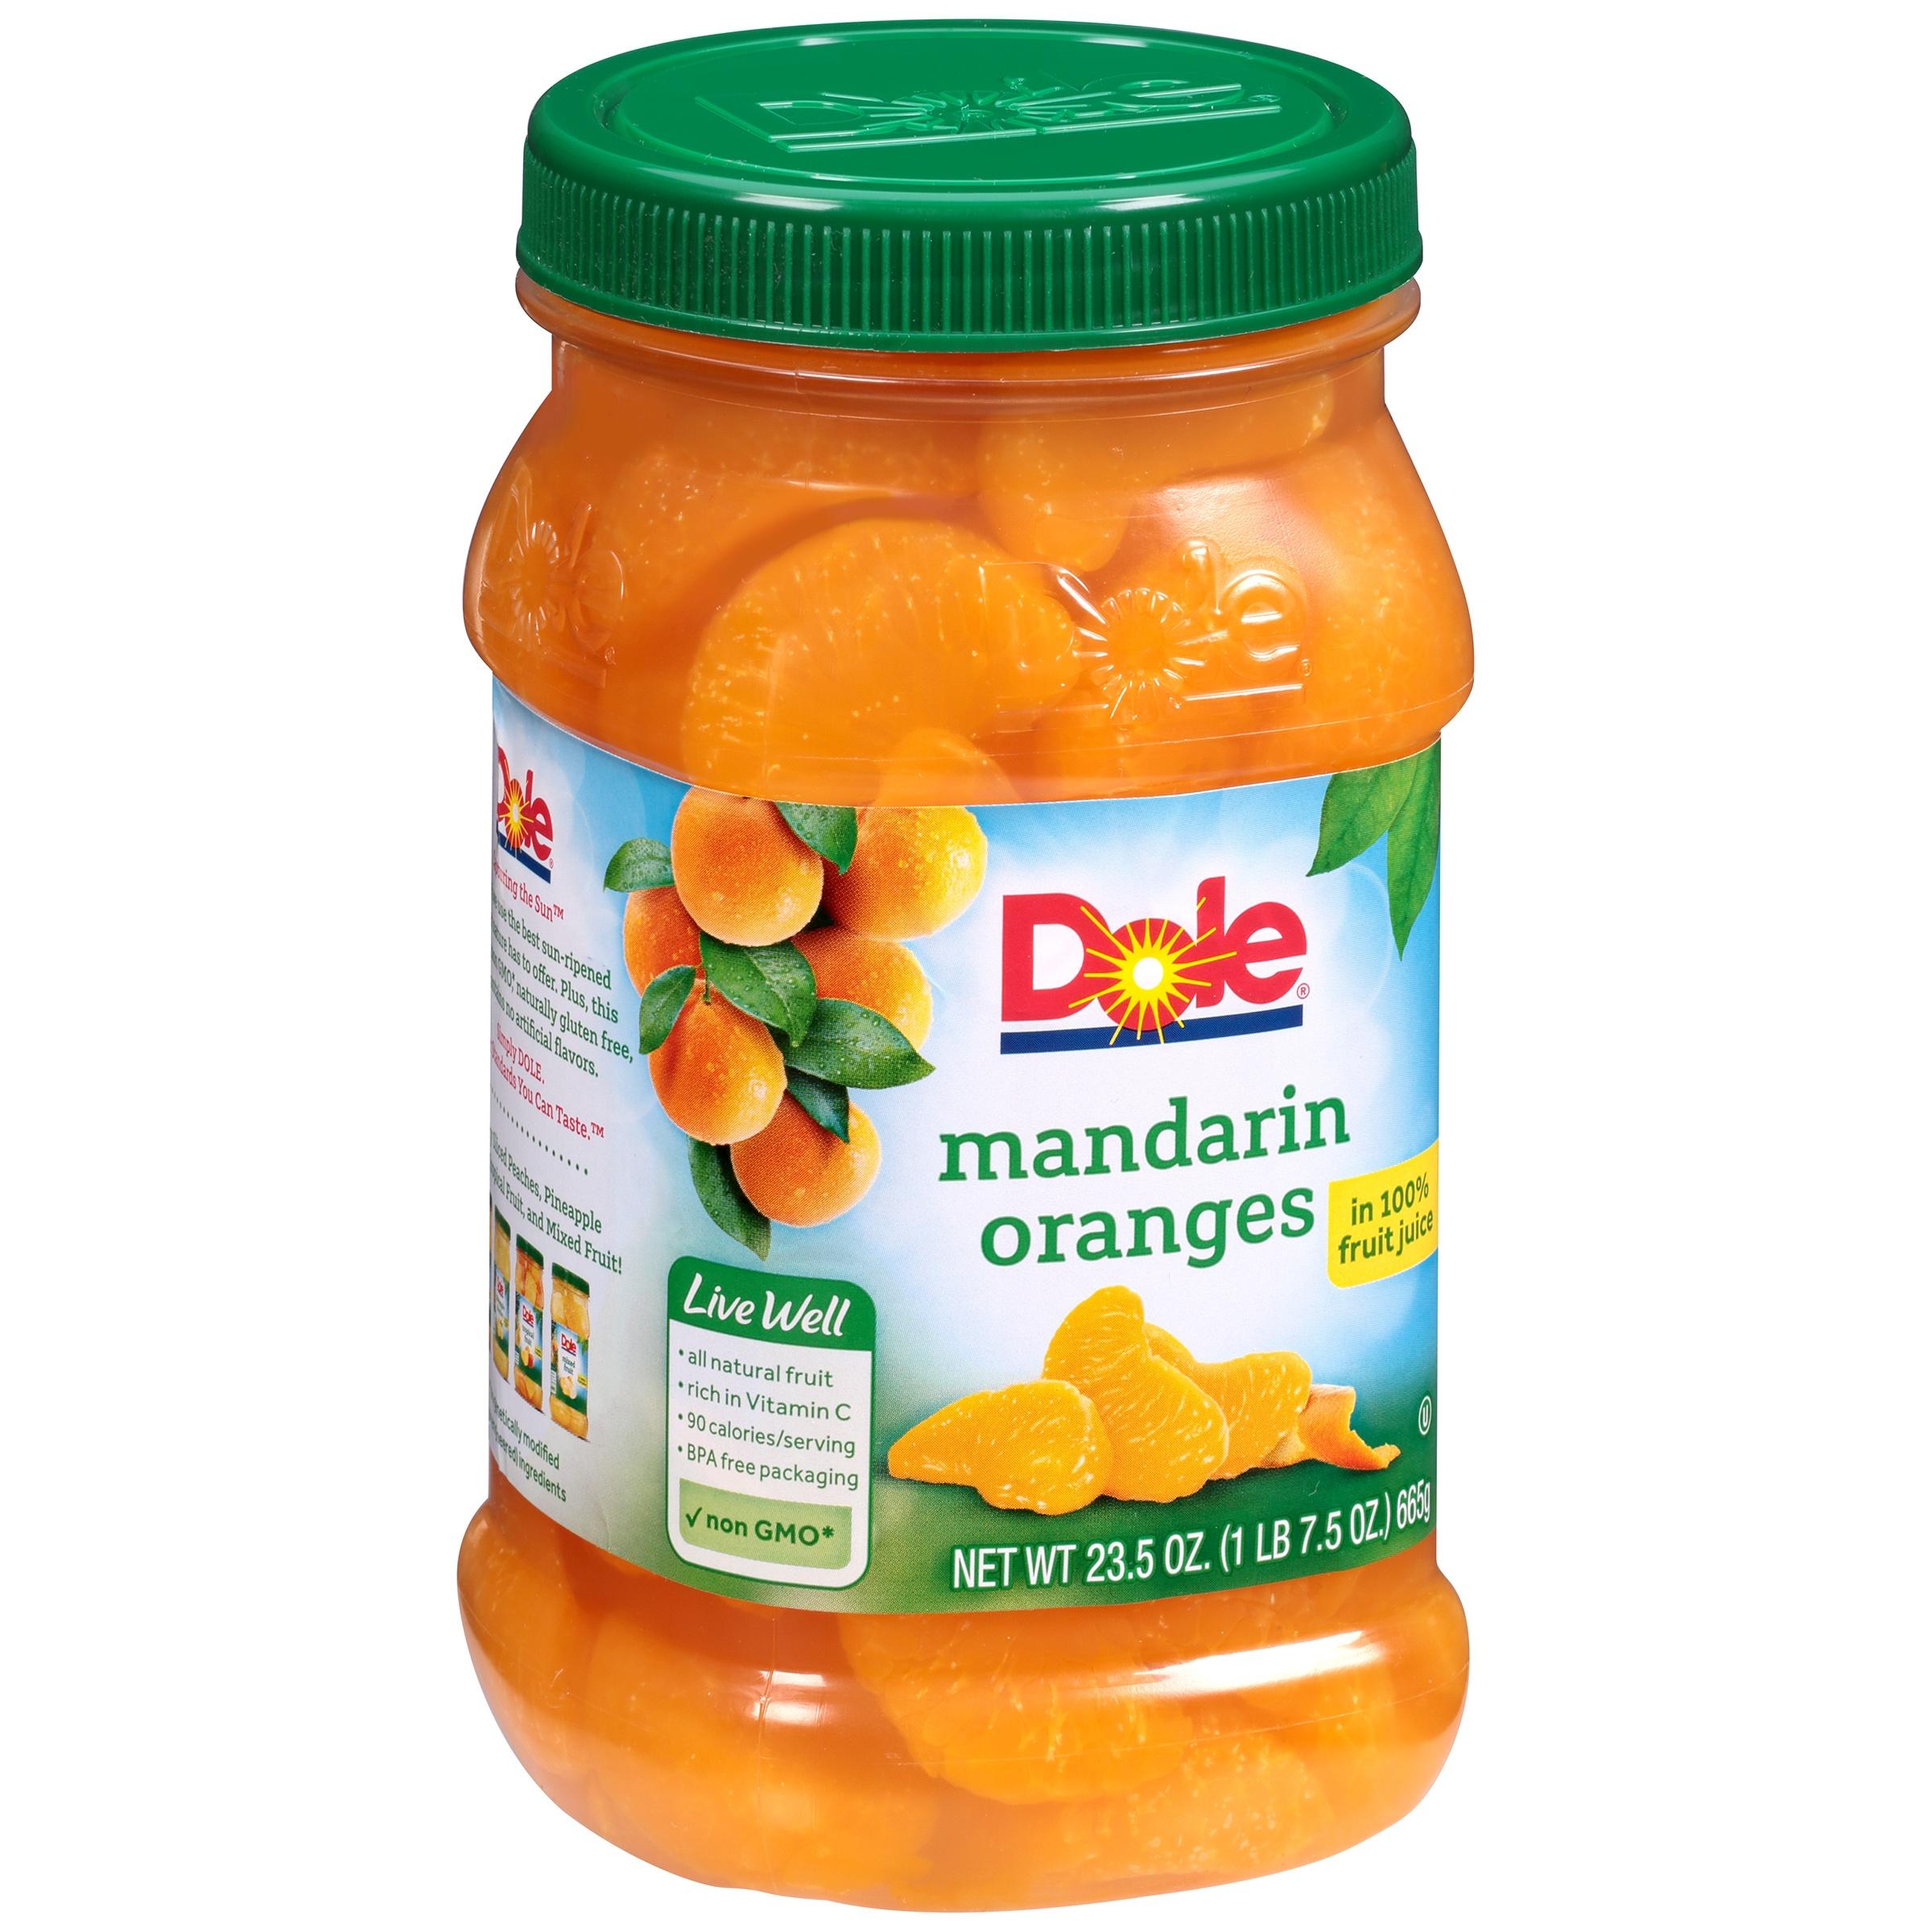 Dole® Mandarin Oranges in 100% Fruit Juice 23.5 oz. Jar